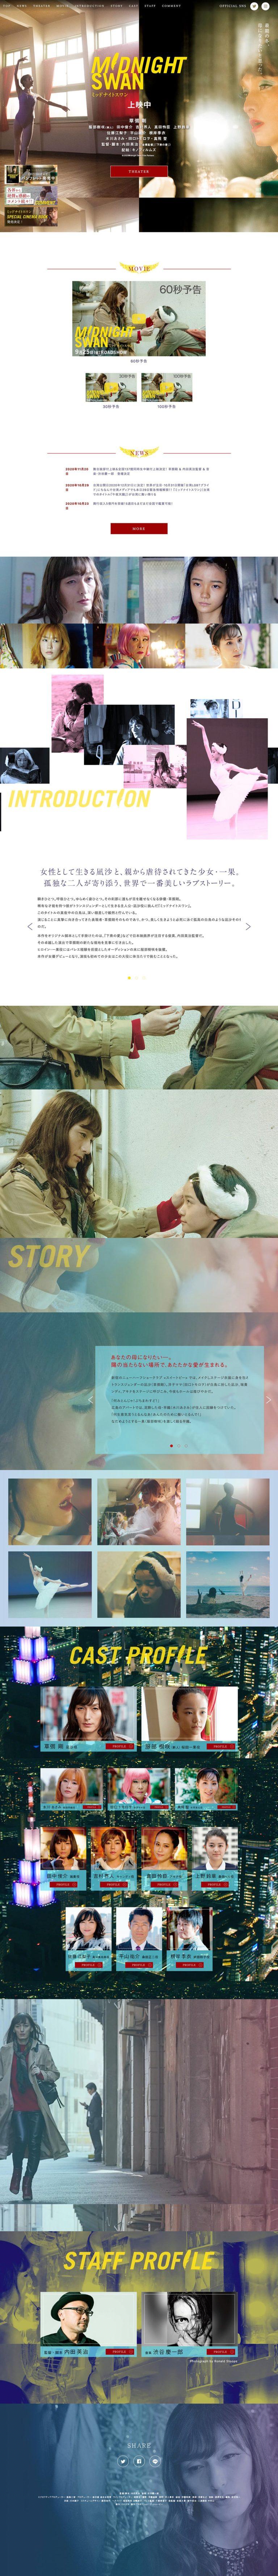 映画『ミッドナイトスワン』公式サイト